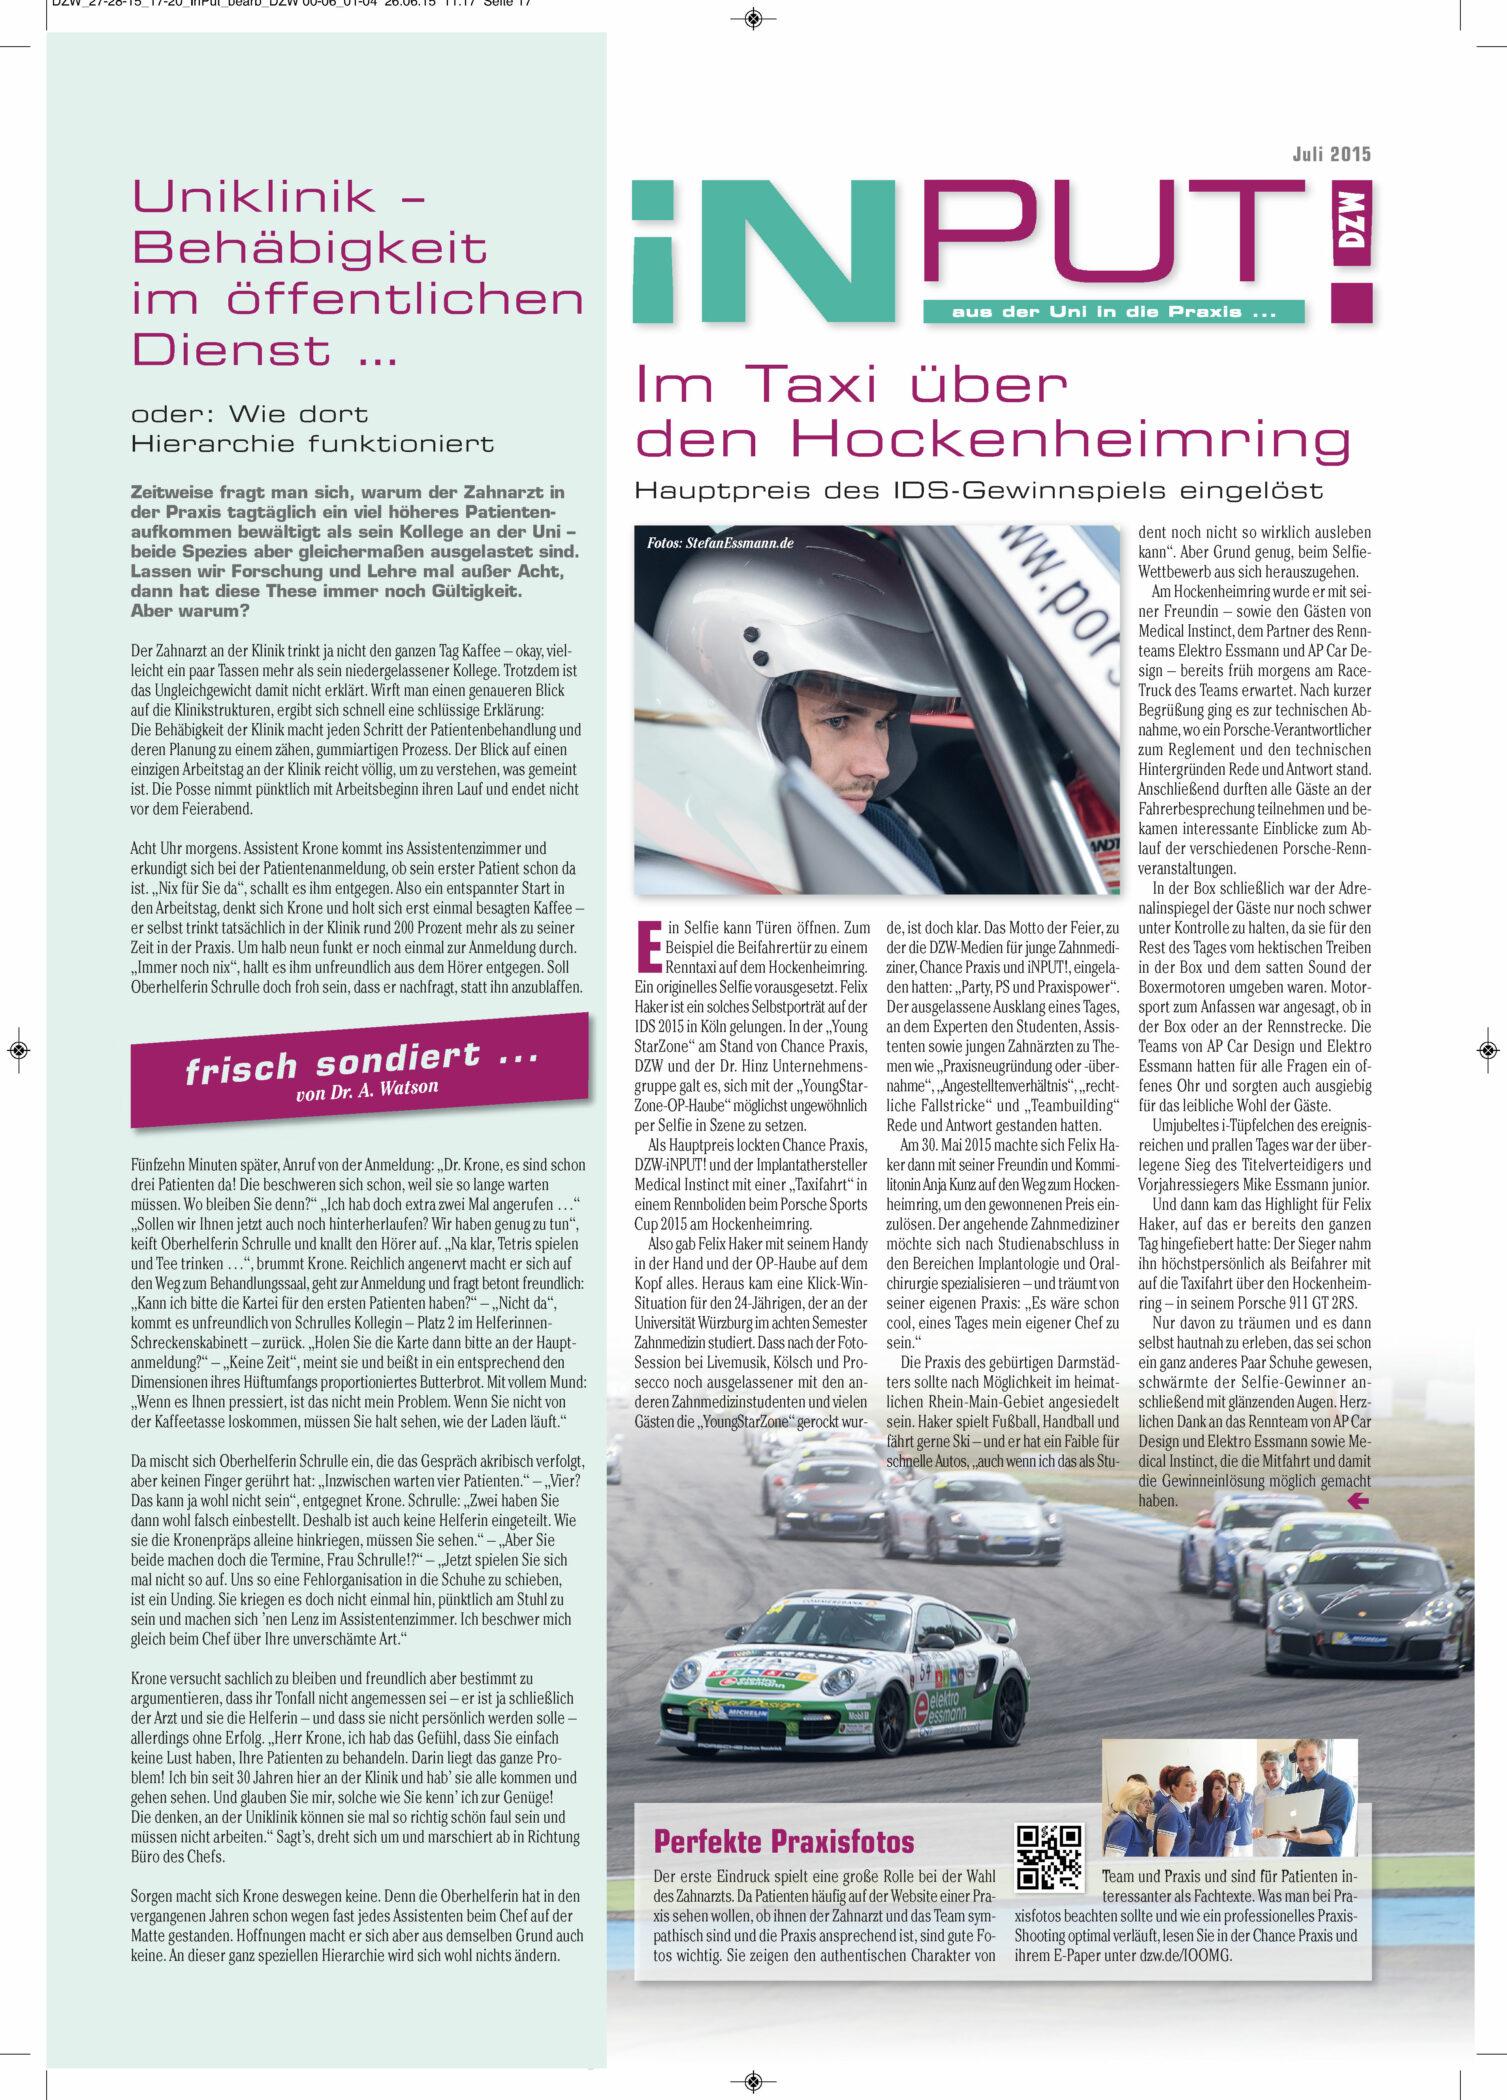 Im Taxi Über Den Hockenheimring - Hauptpreis IDS-Gewinnspiel